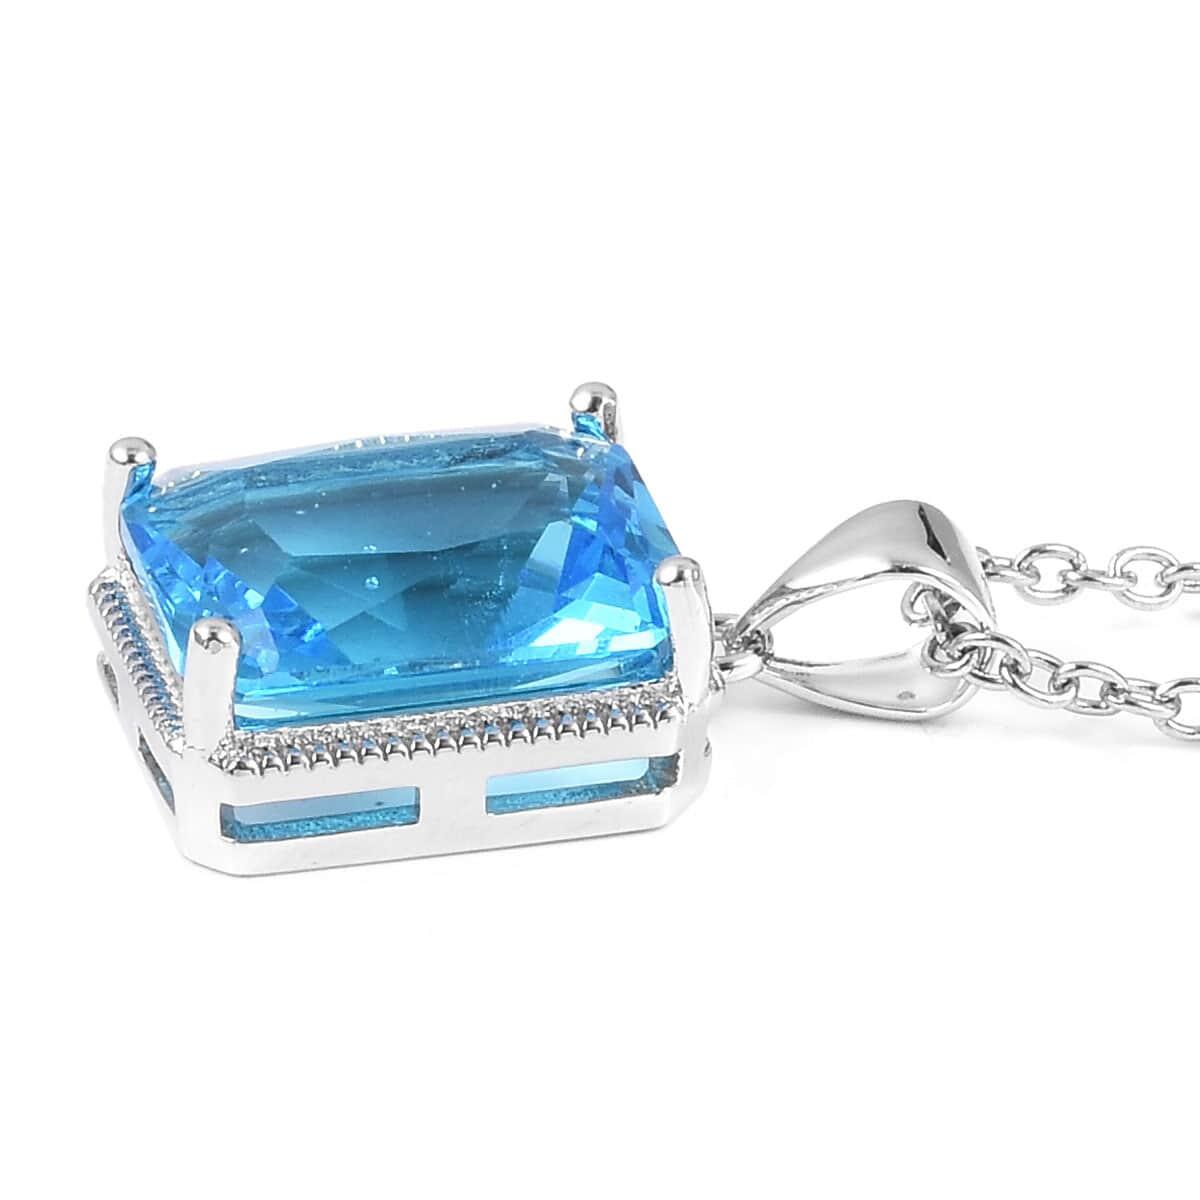 12-Color-Options-Cubic-Zirconia-Bracelet-Chain-Pendant-Necklace-Set-Adjustable thumbnail 94